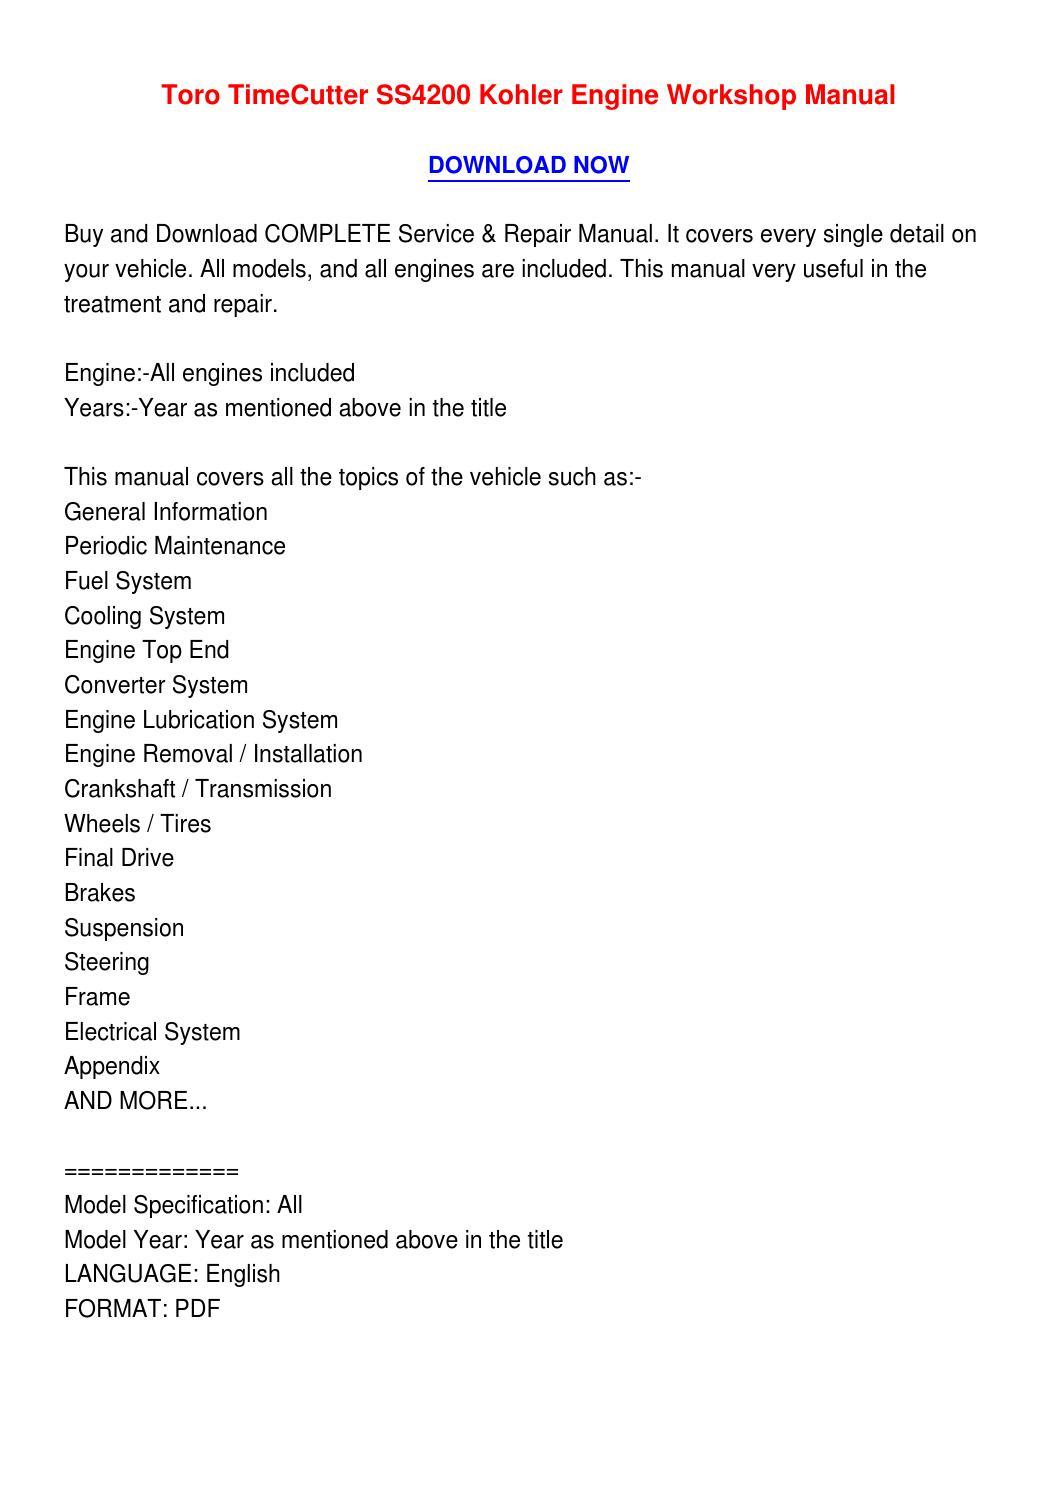 Toro Timecutter repair manual